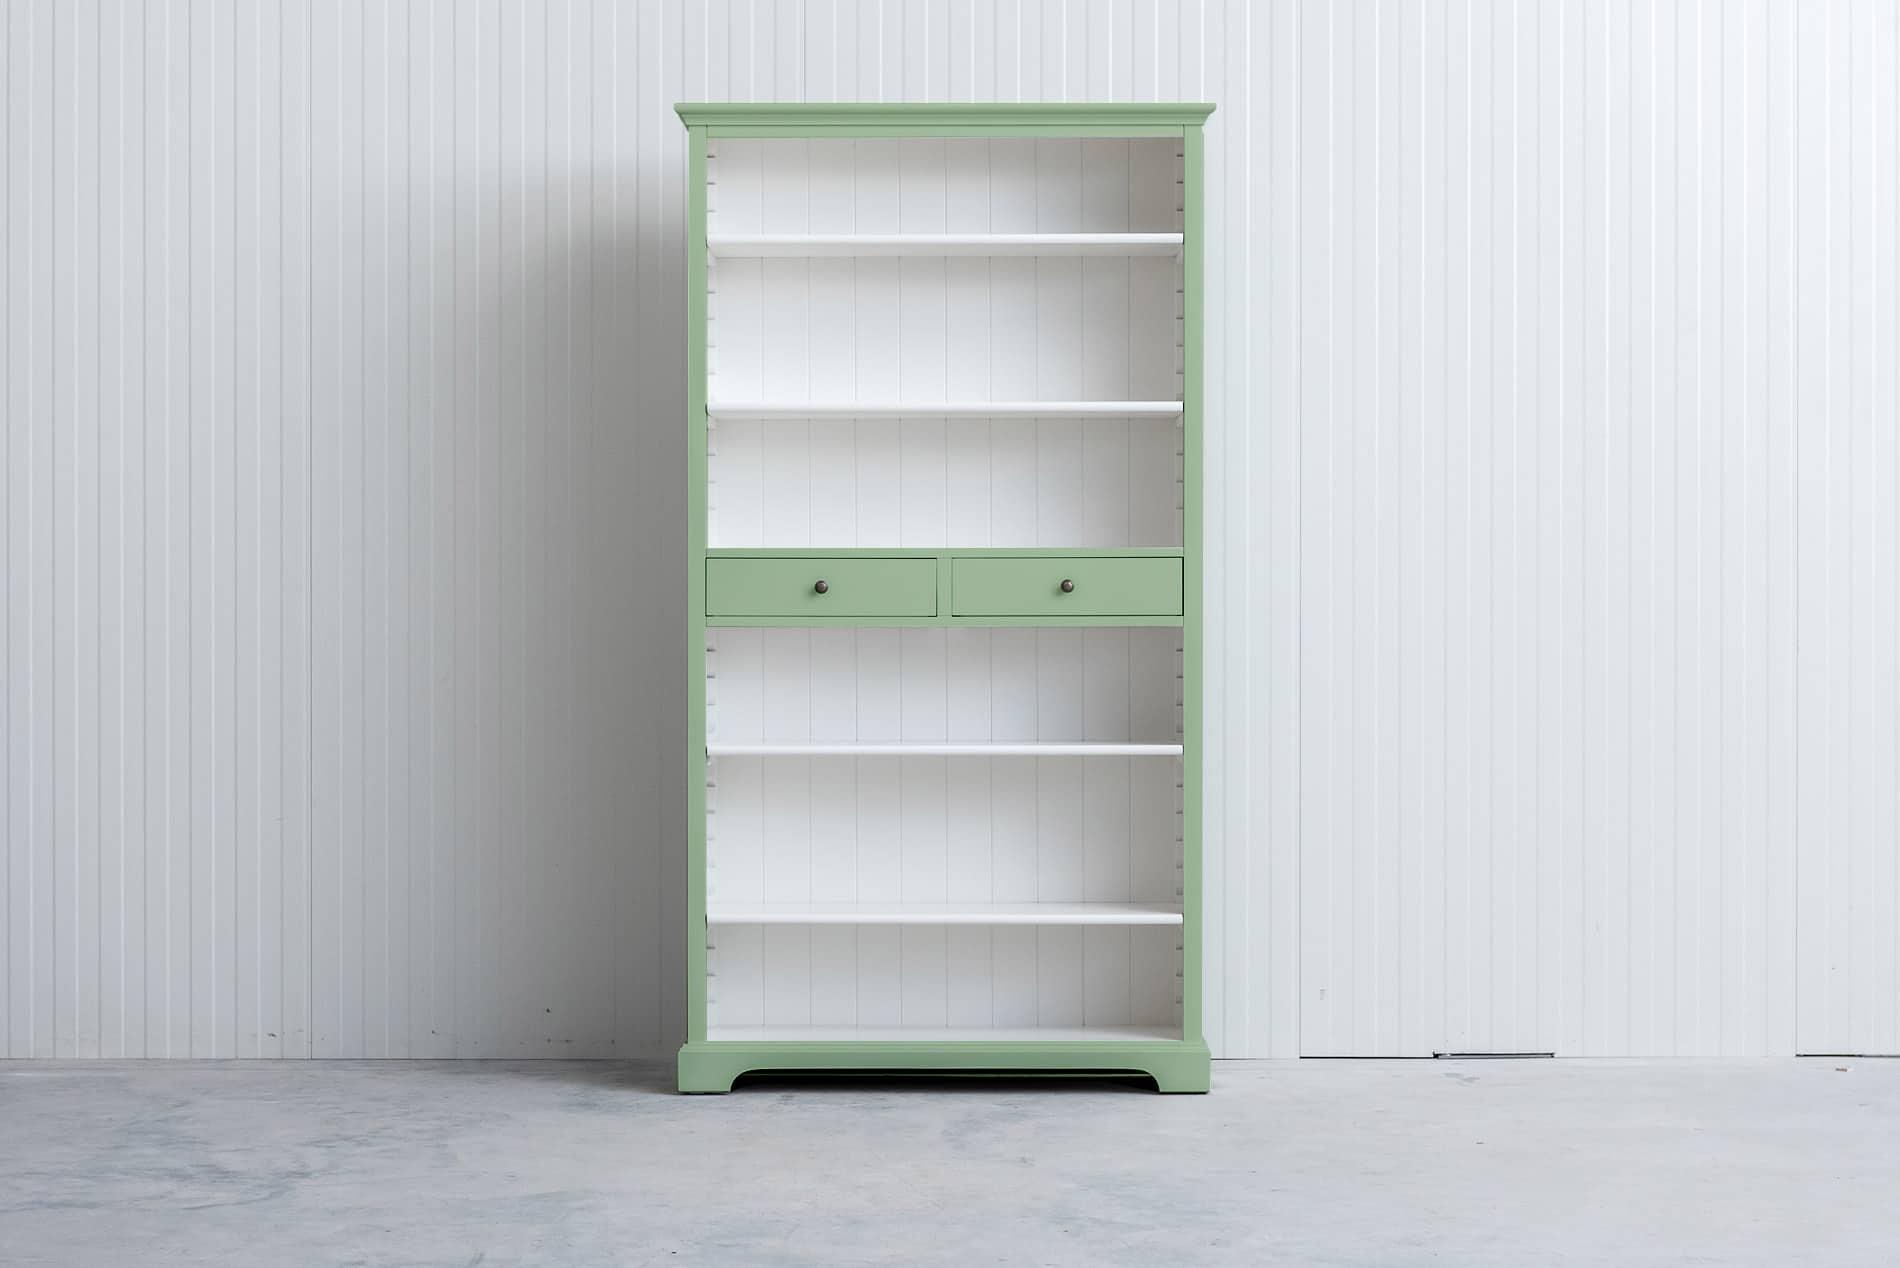 Landelijke boekenkast 1m – Witgroen – RAL6019